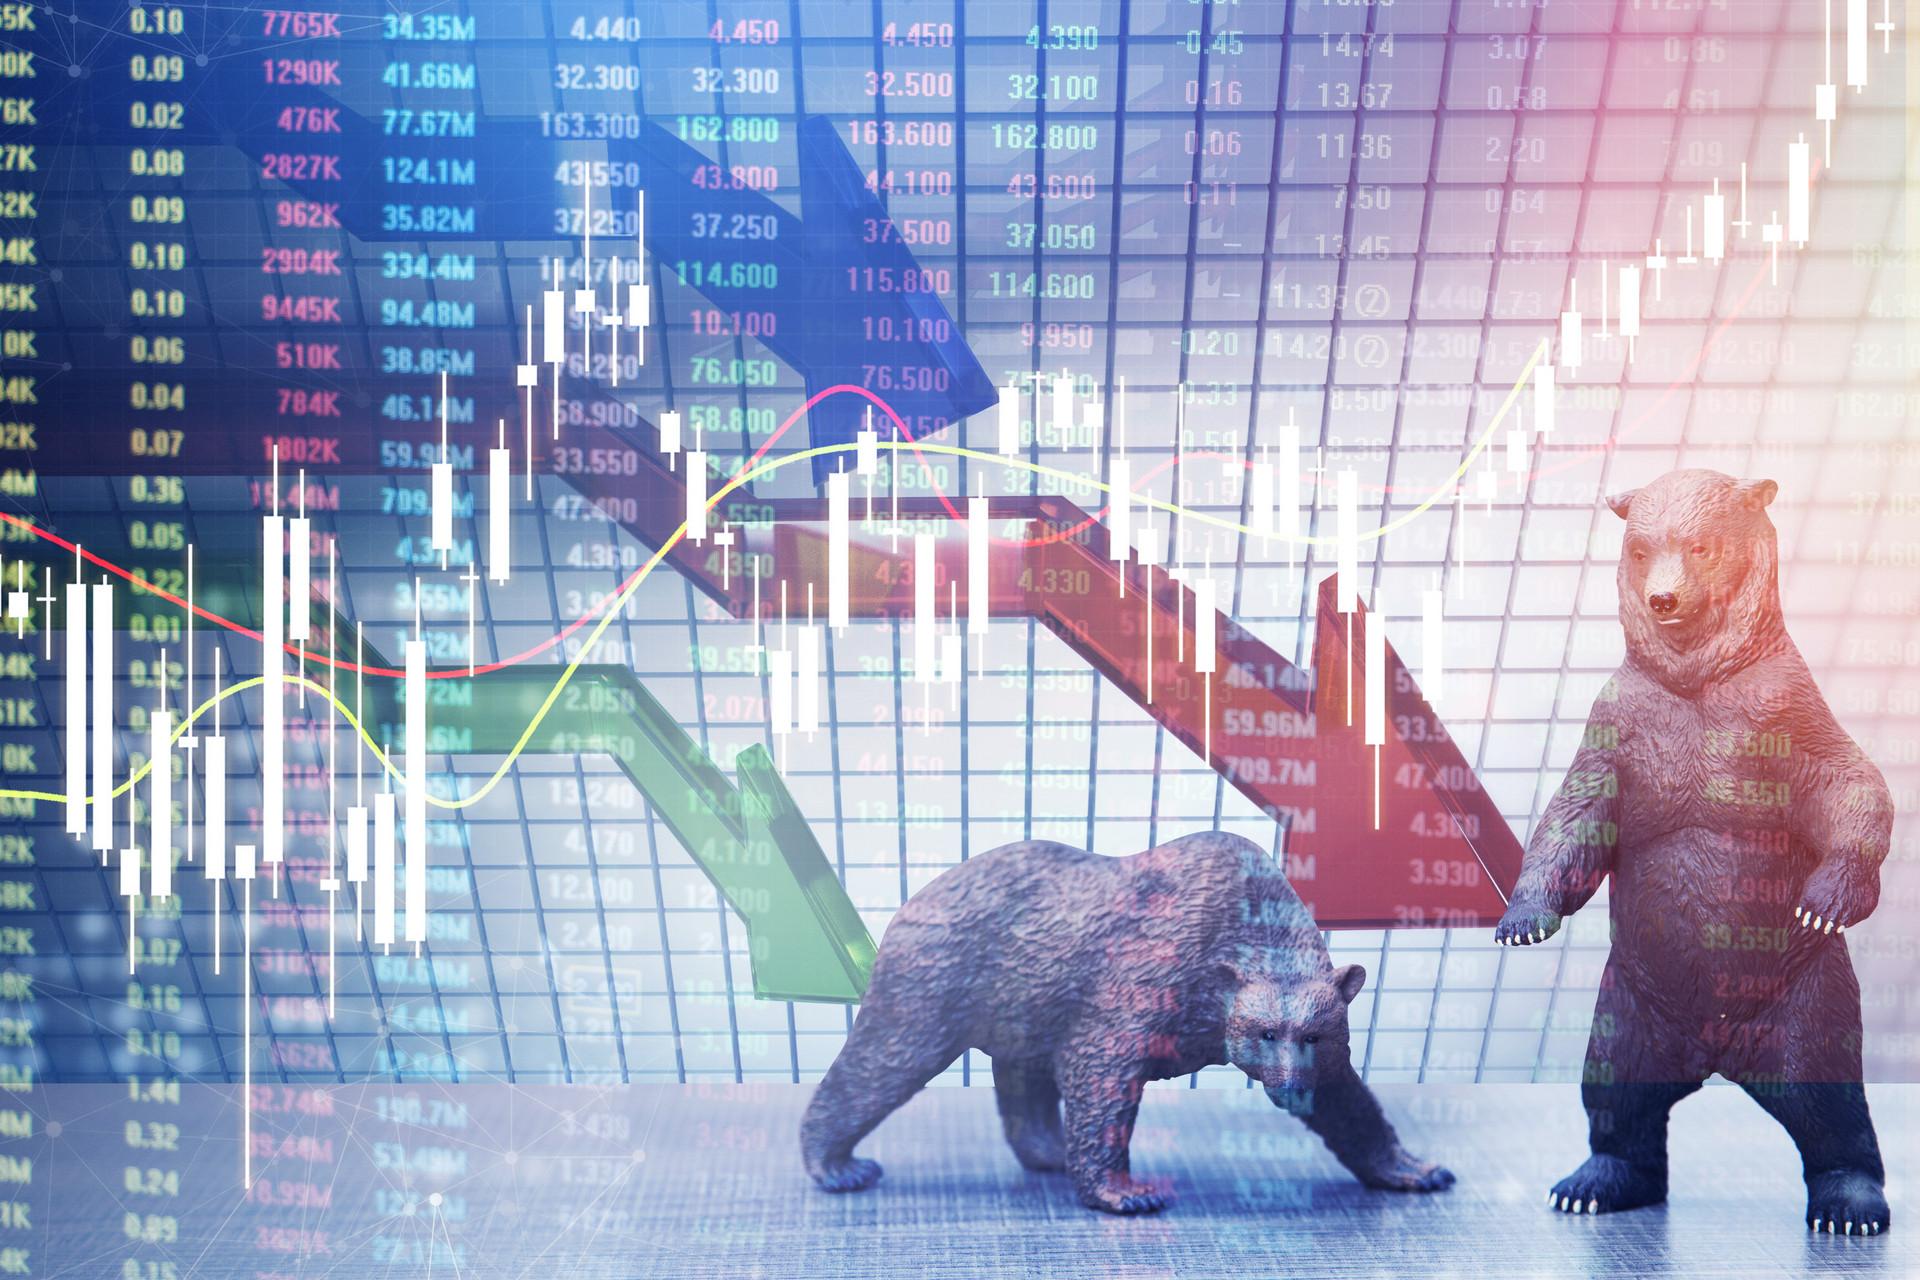 业绩预增难挡股价领跌券商板块 红塔证券80亿配股获批可否破局